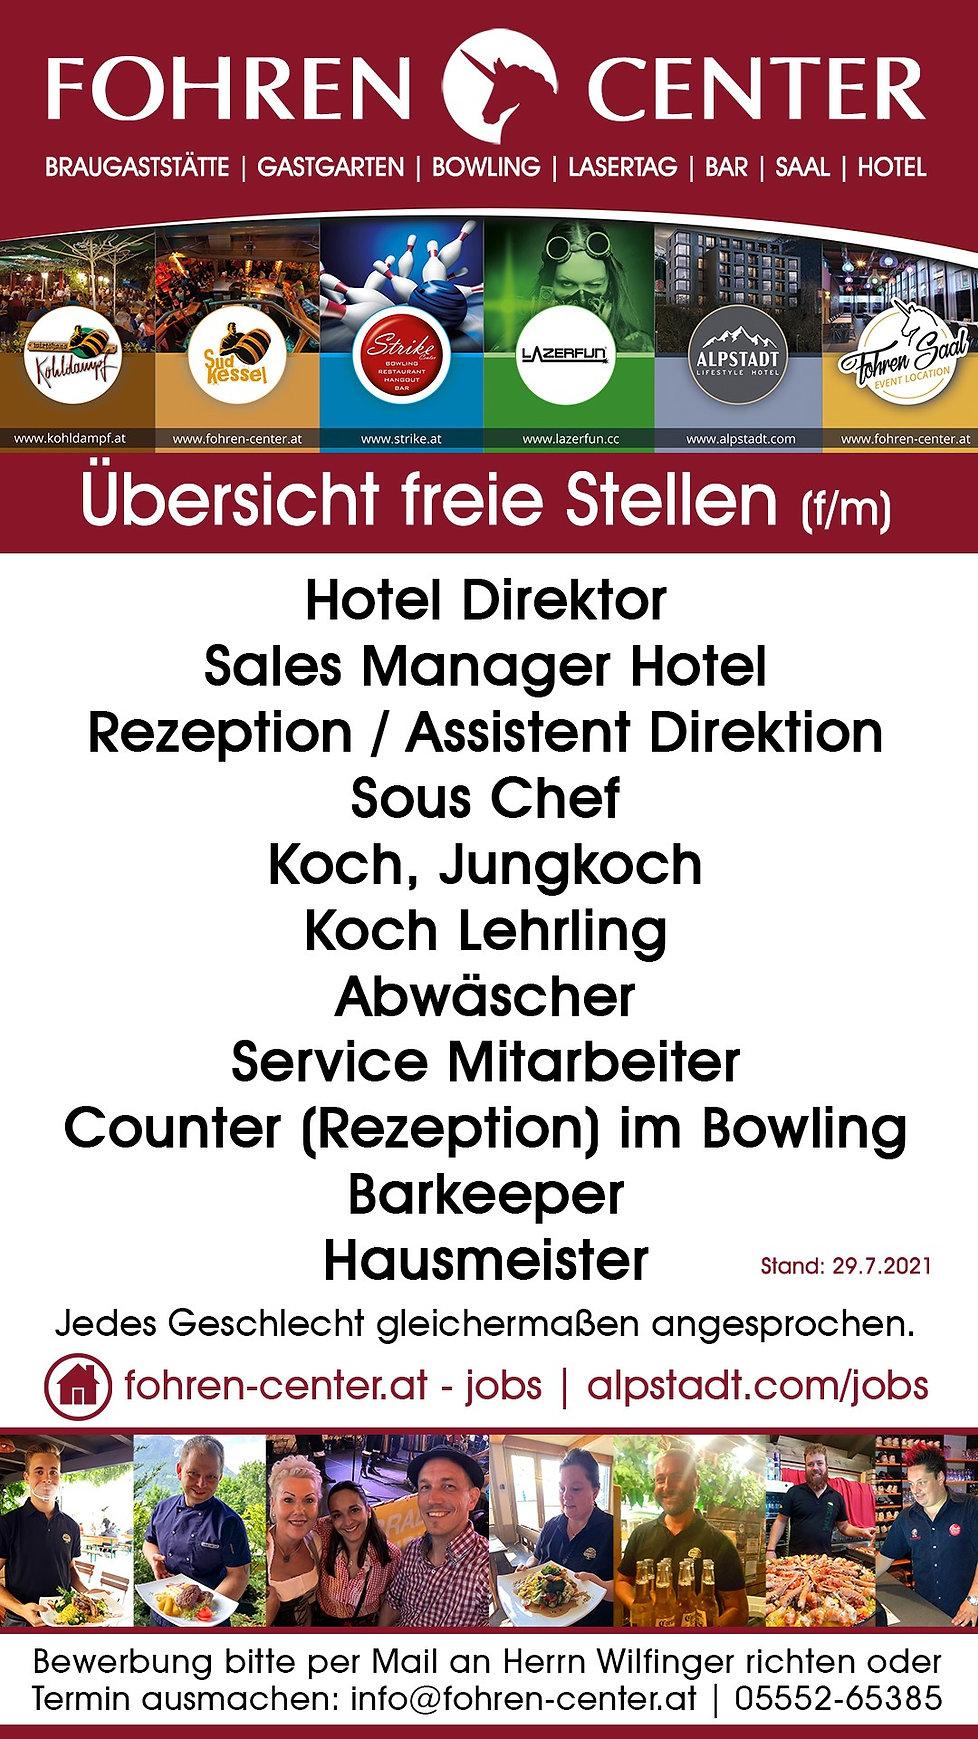 _uebersicht freie stellen 08-2021 (Groß).jpg